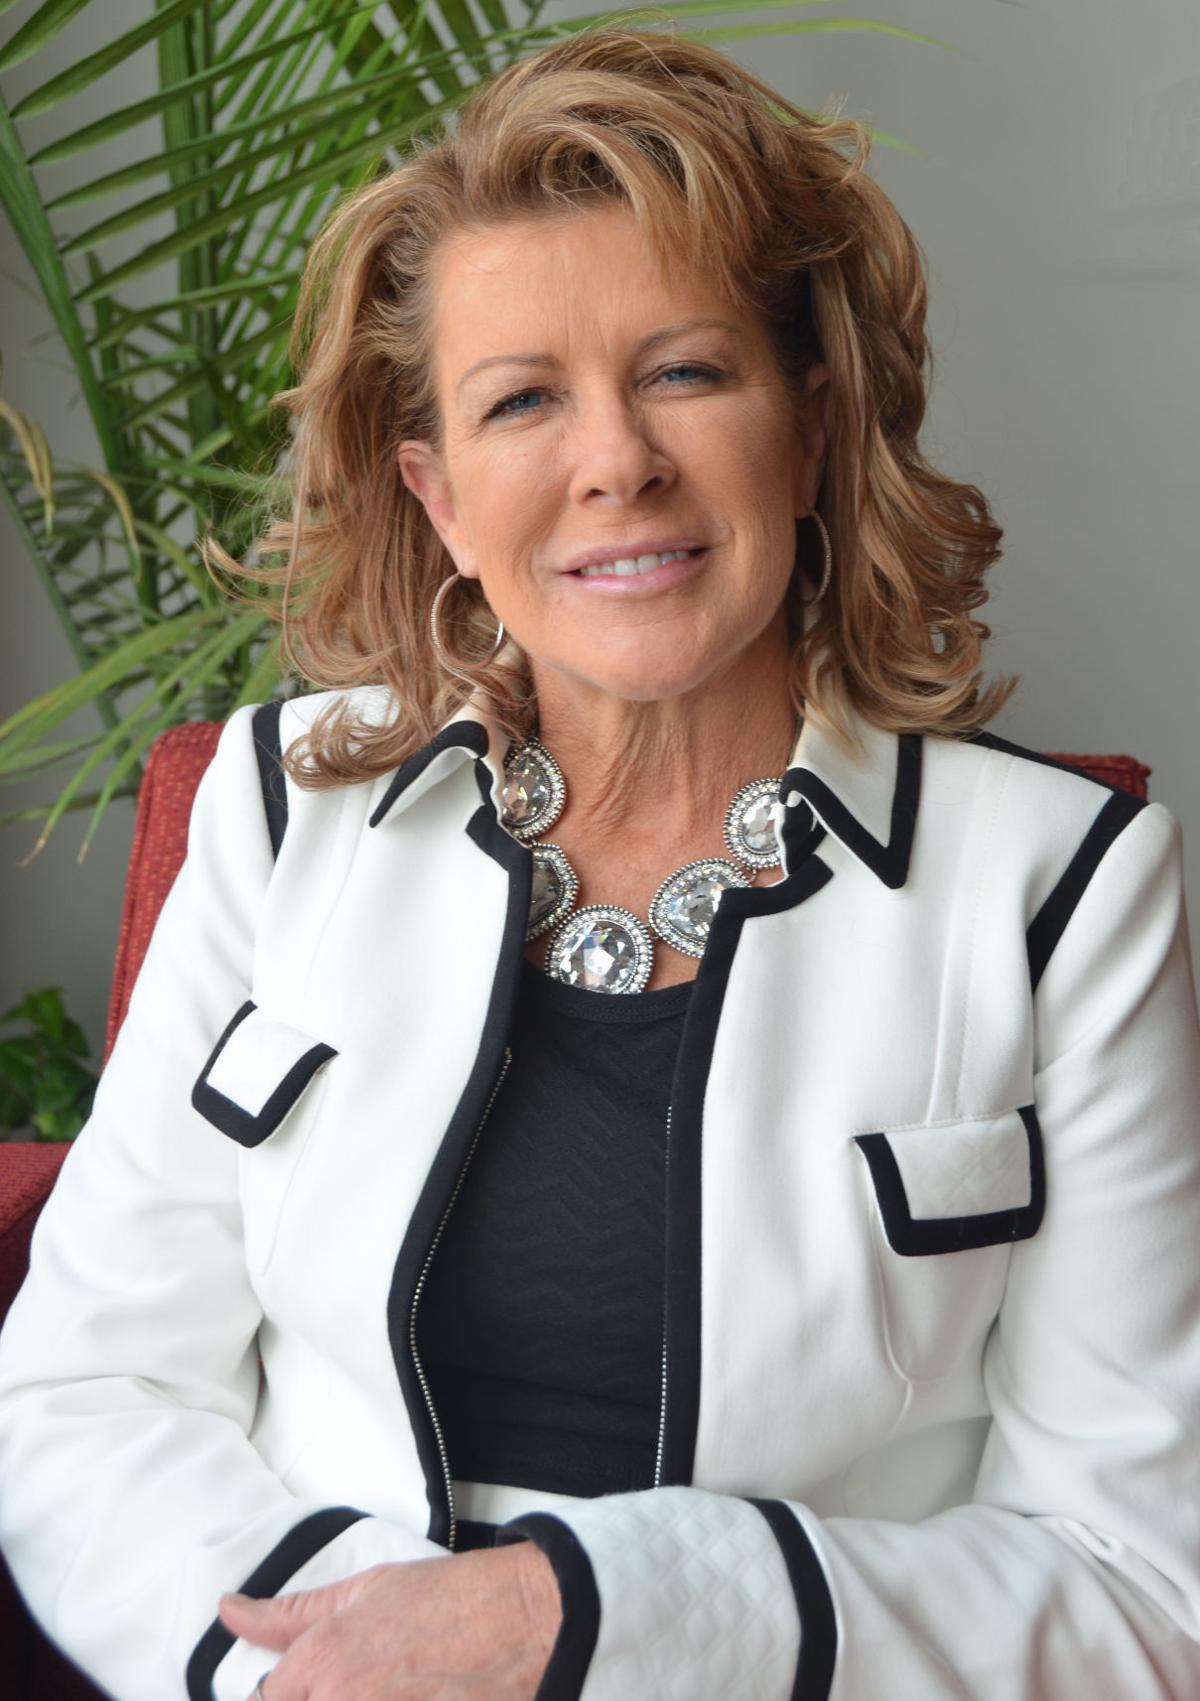 Tammy Bramley